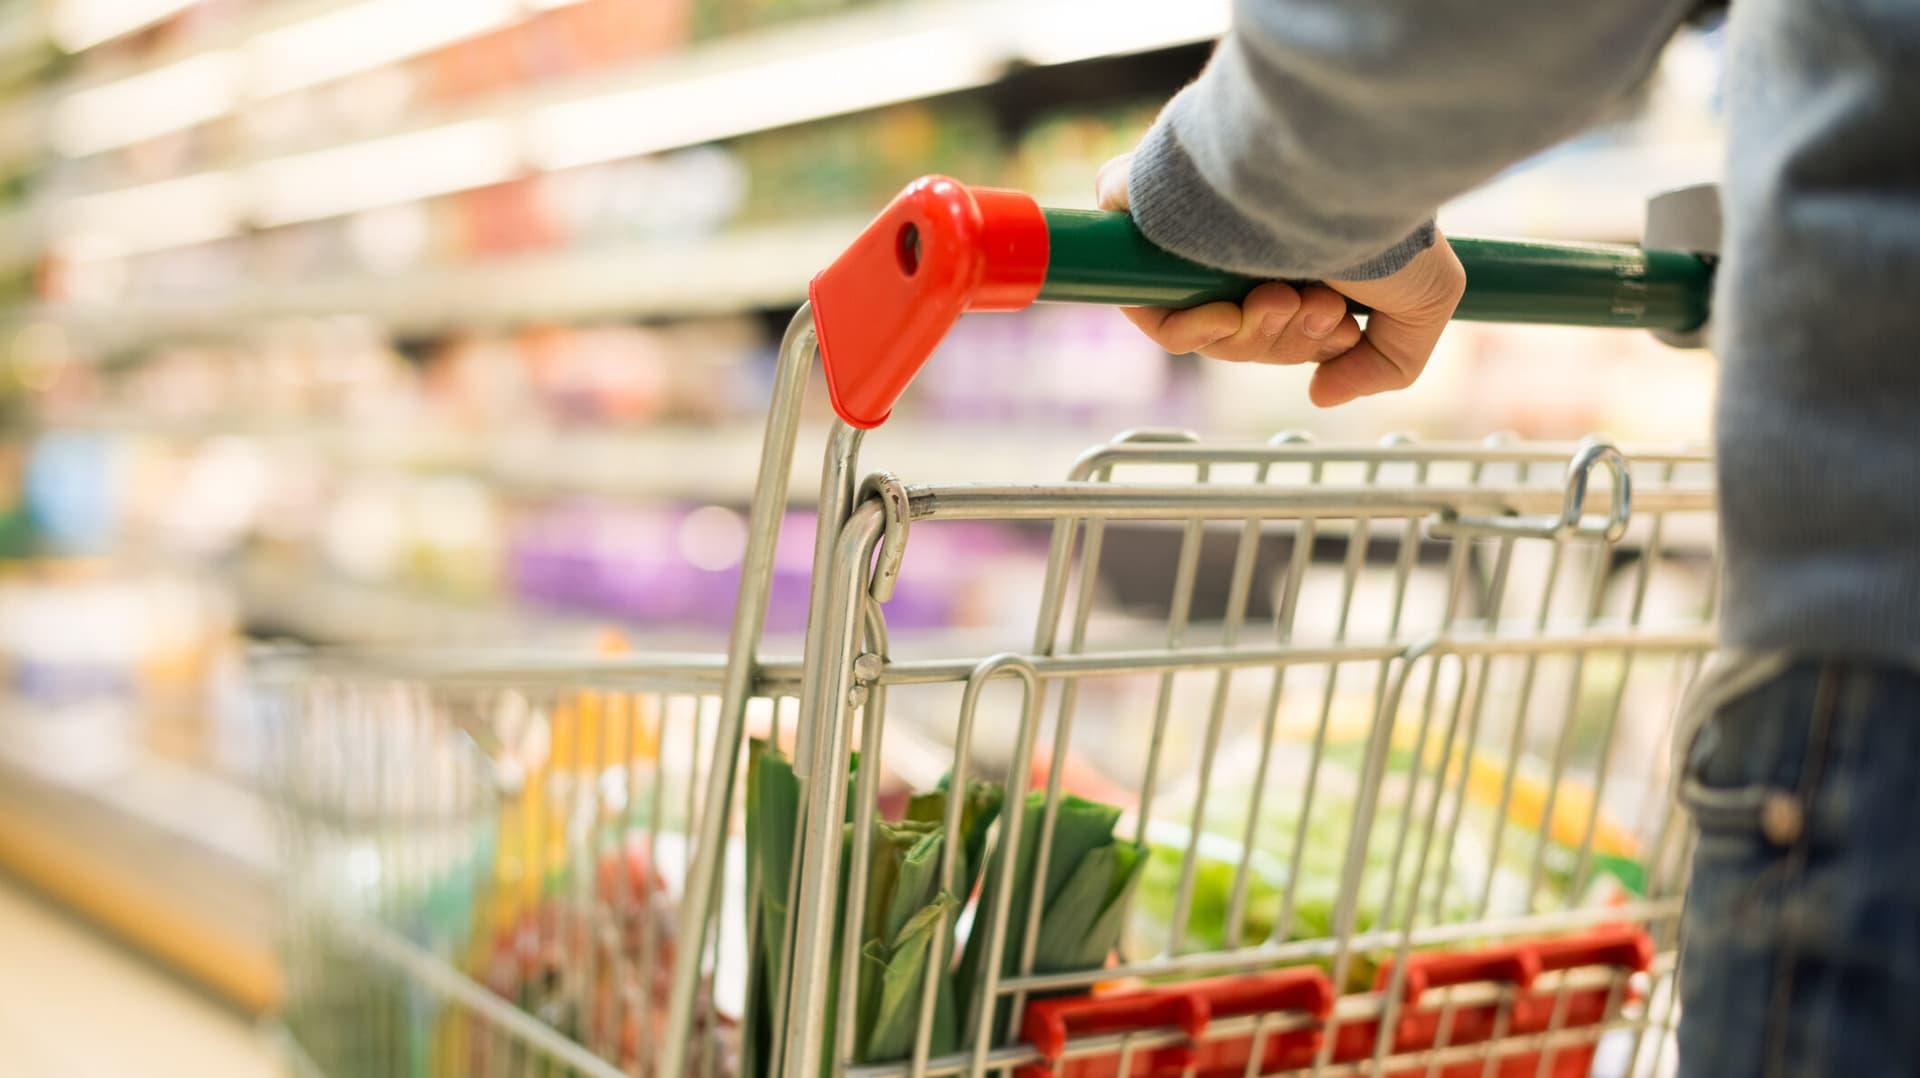 Eine Person schiebt einen Einkaufswagen durch Supermarktregale.